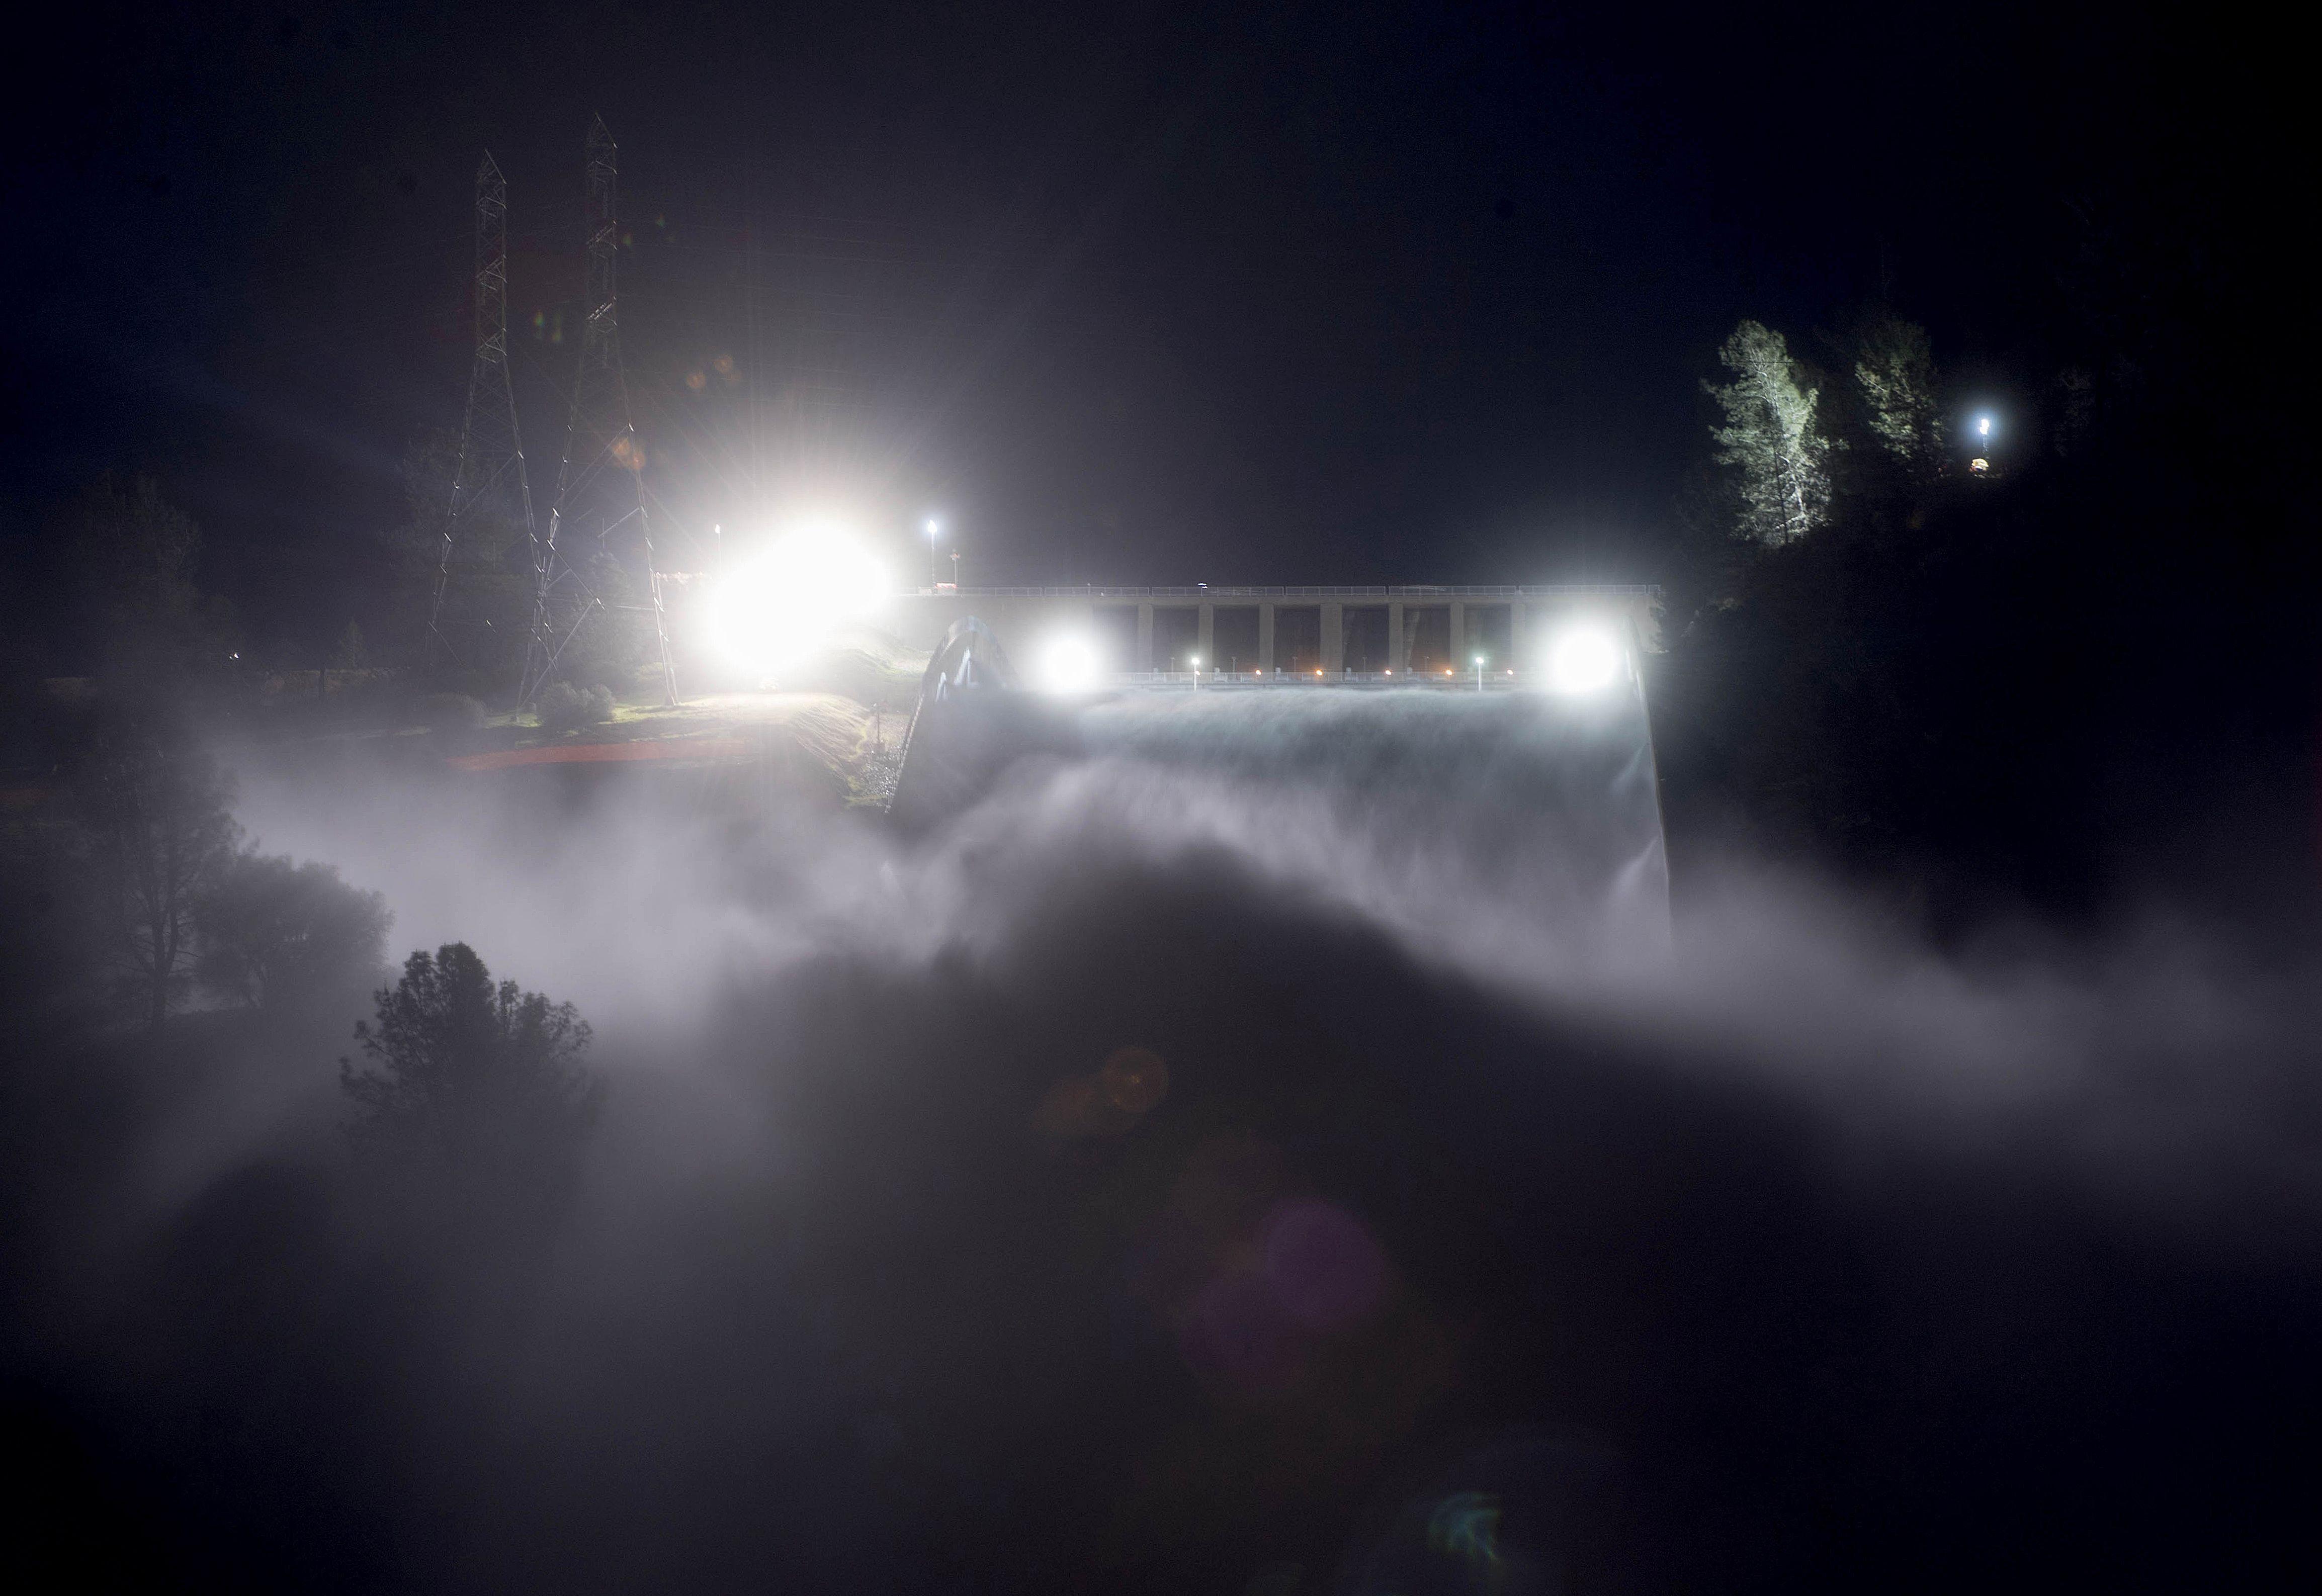 Barragem em risco obriga à retirada de 180 mil pessoas na Califórnia